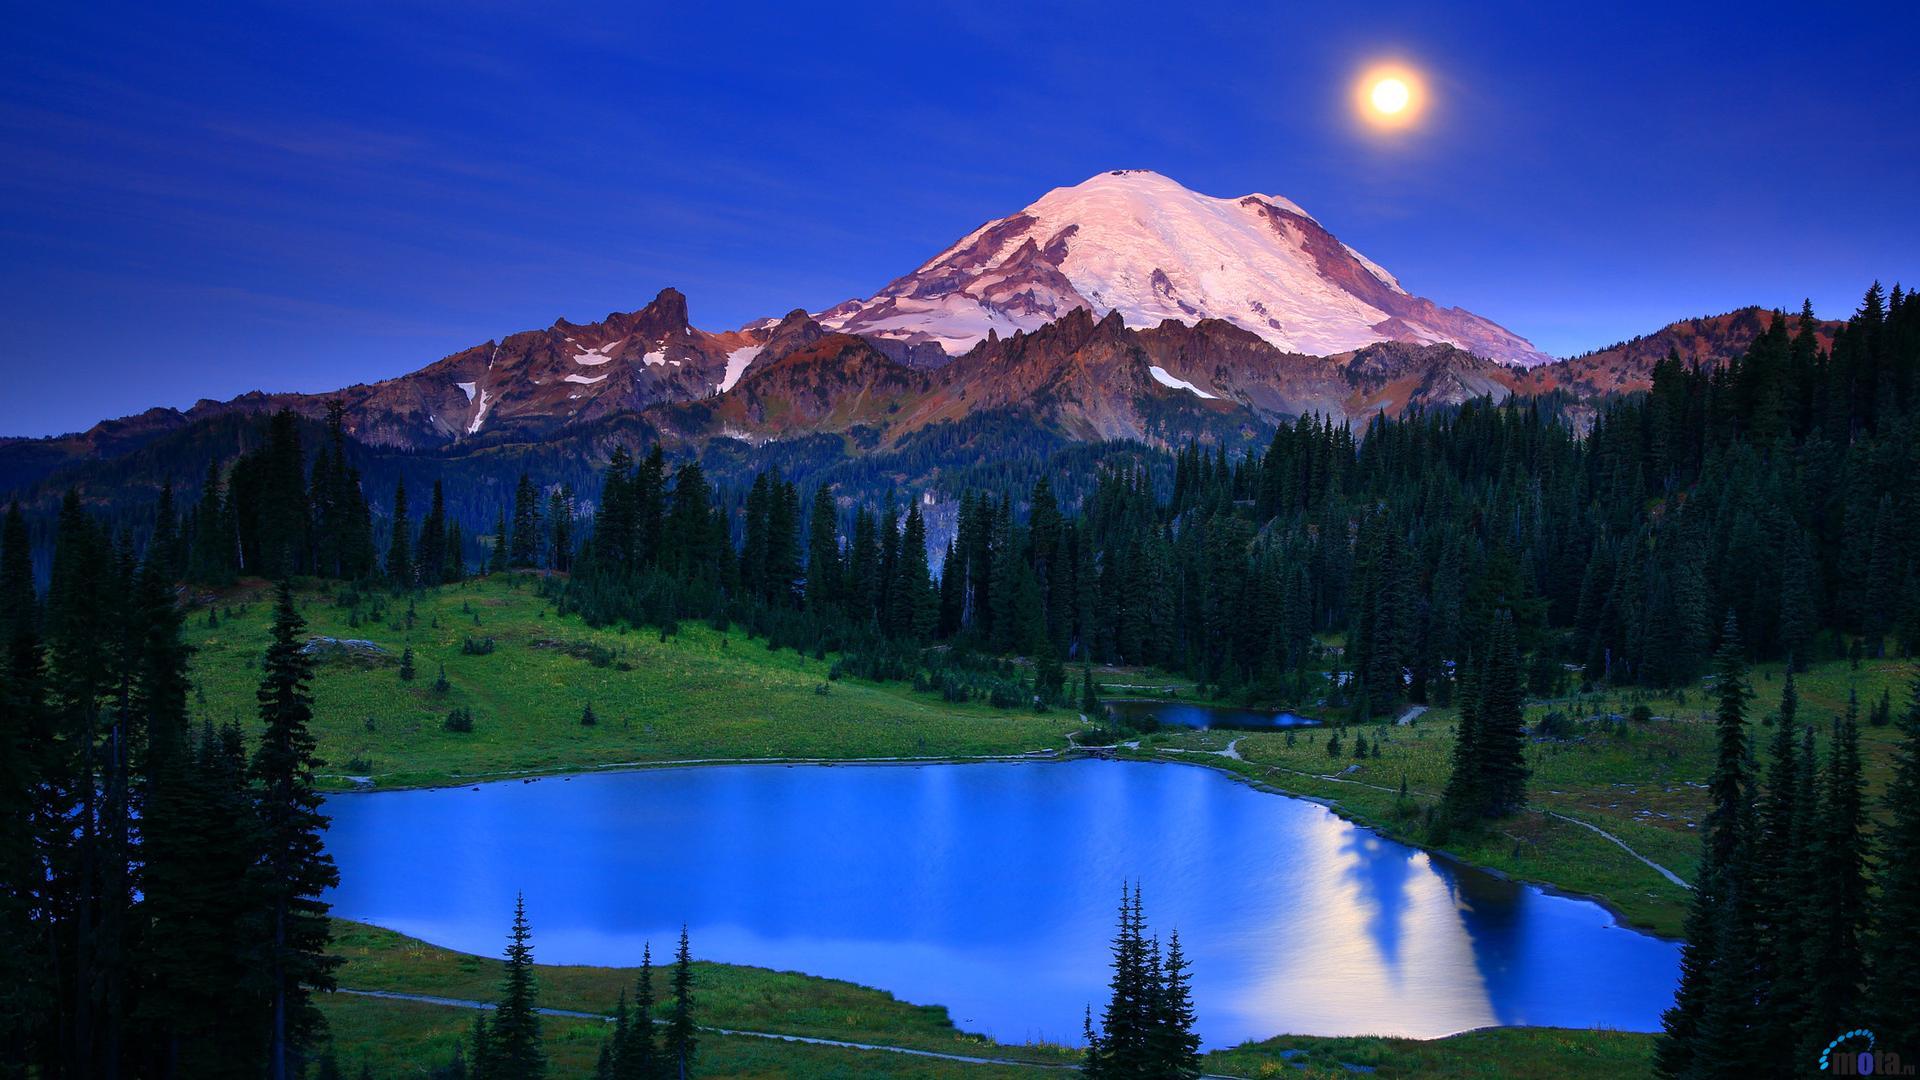 mt rainier wallpaper,mountainous landforms,mountain,nature,natural landscape,sky